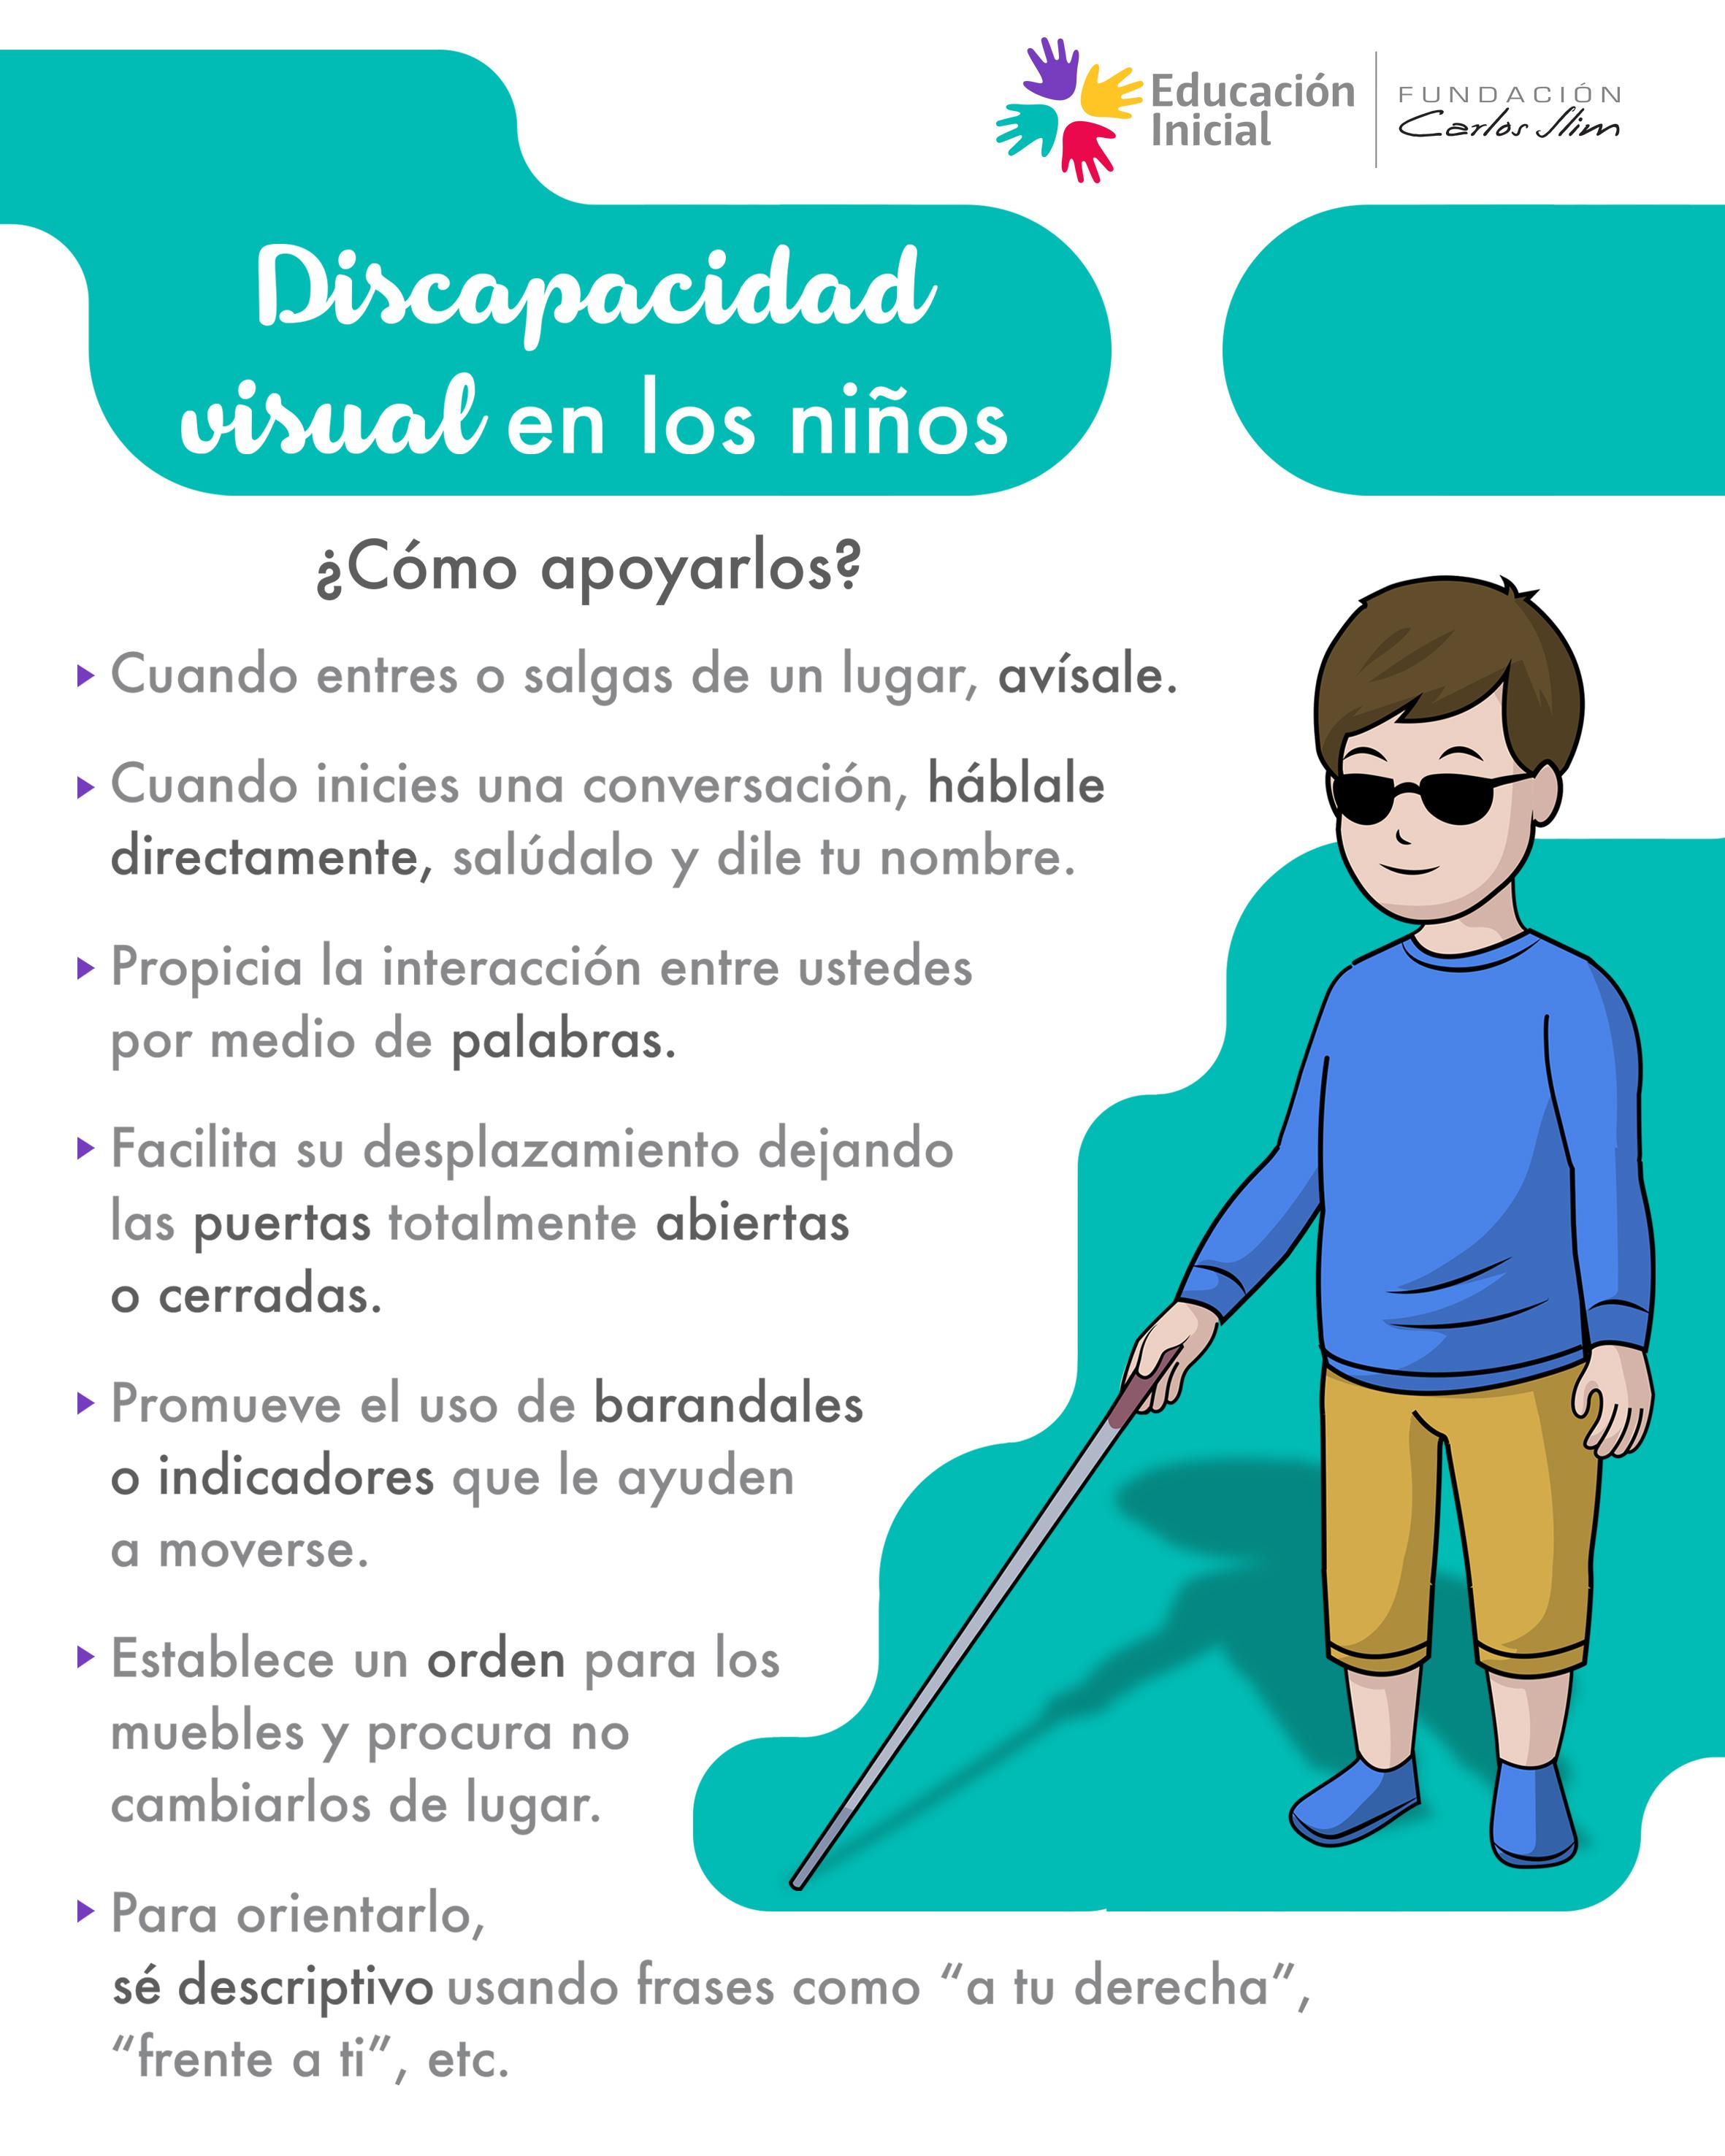 (524) Discapacidad visual en los niños